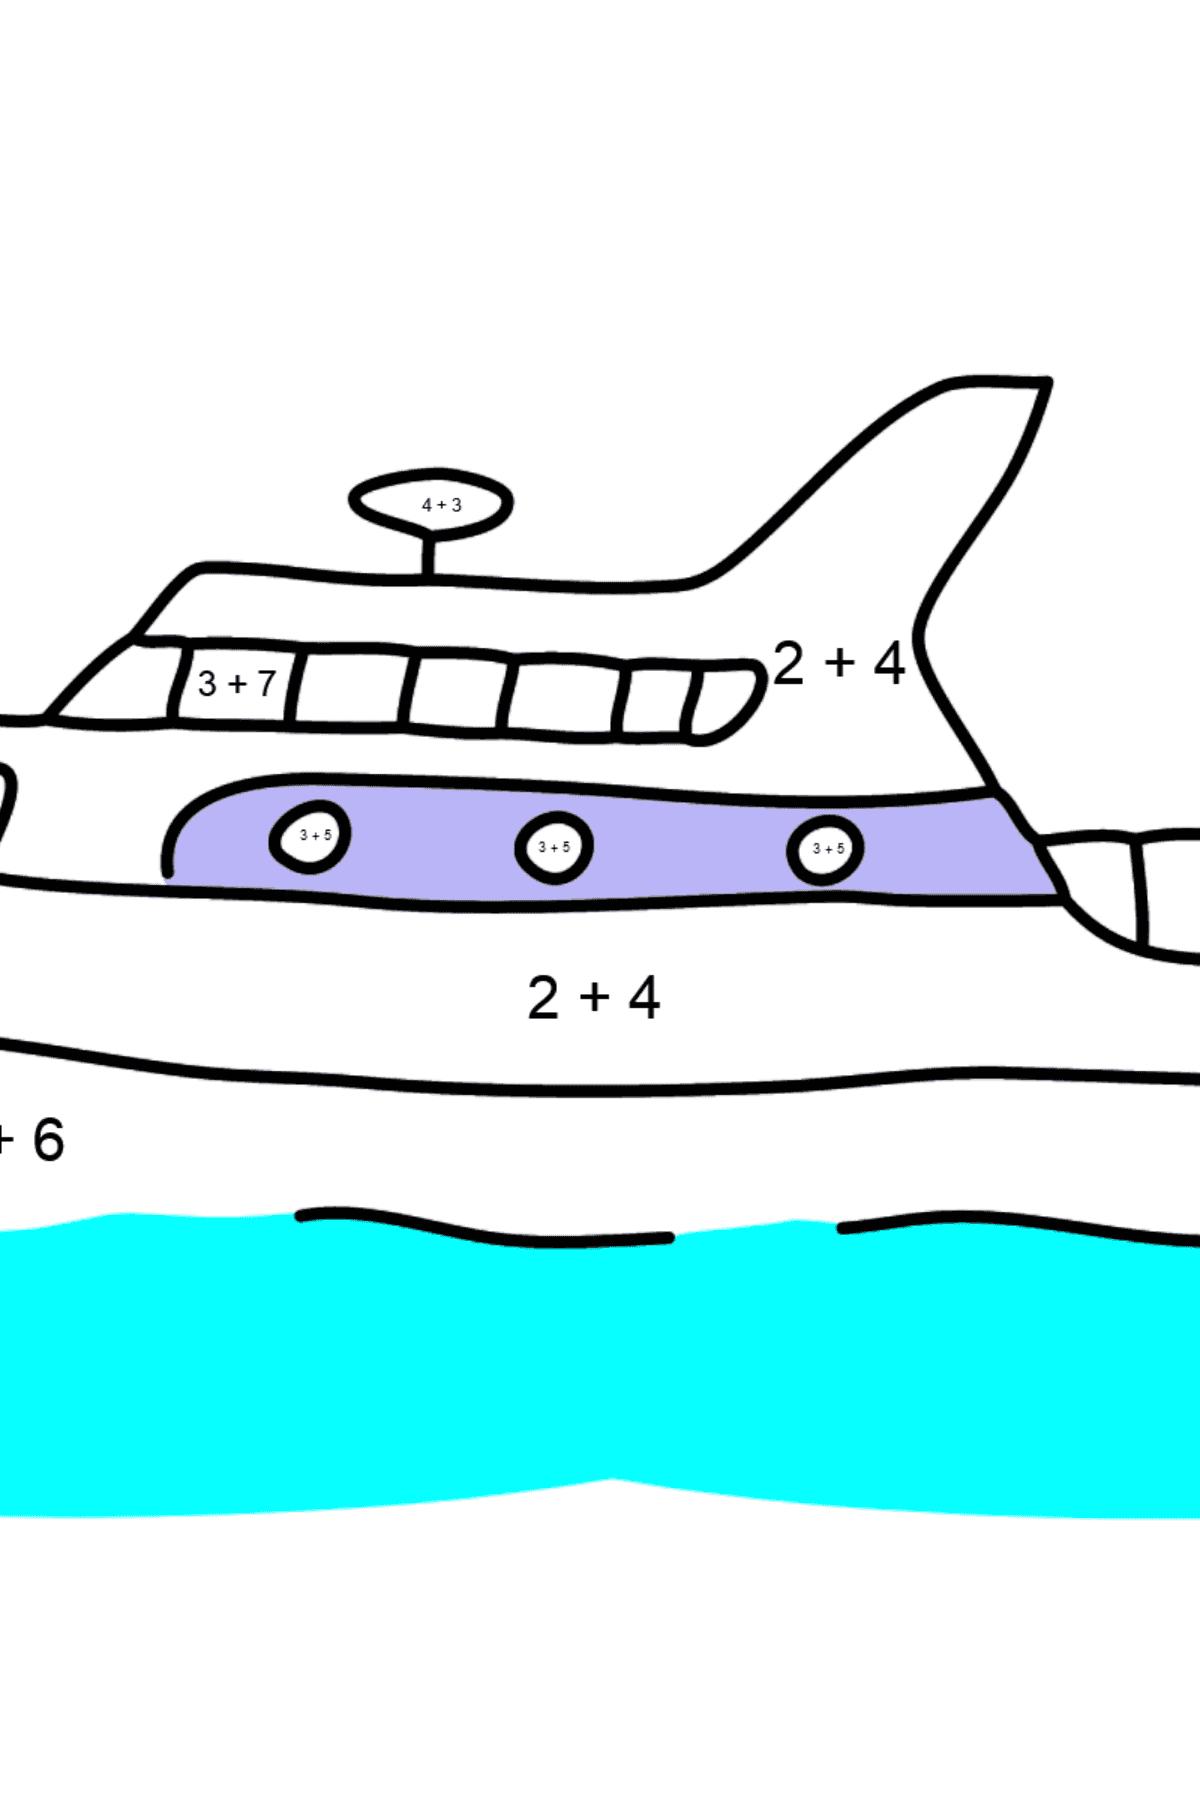 Раскраска прогулочная яхта - Математическая Раскраска - Сложение для Детей